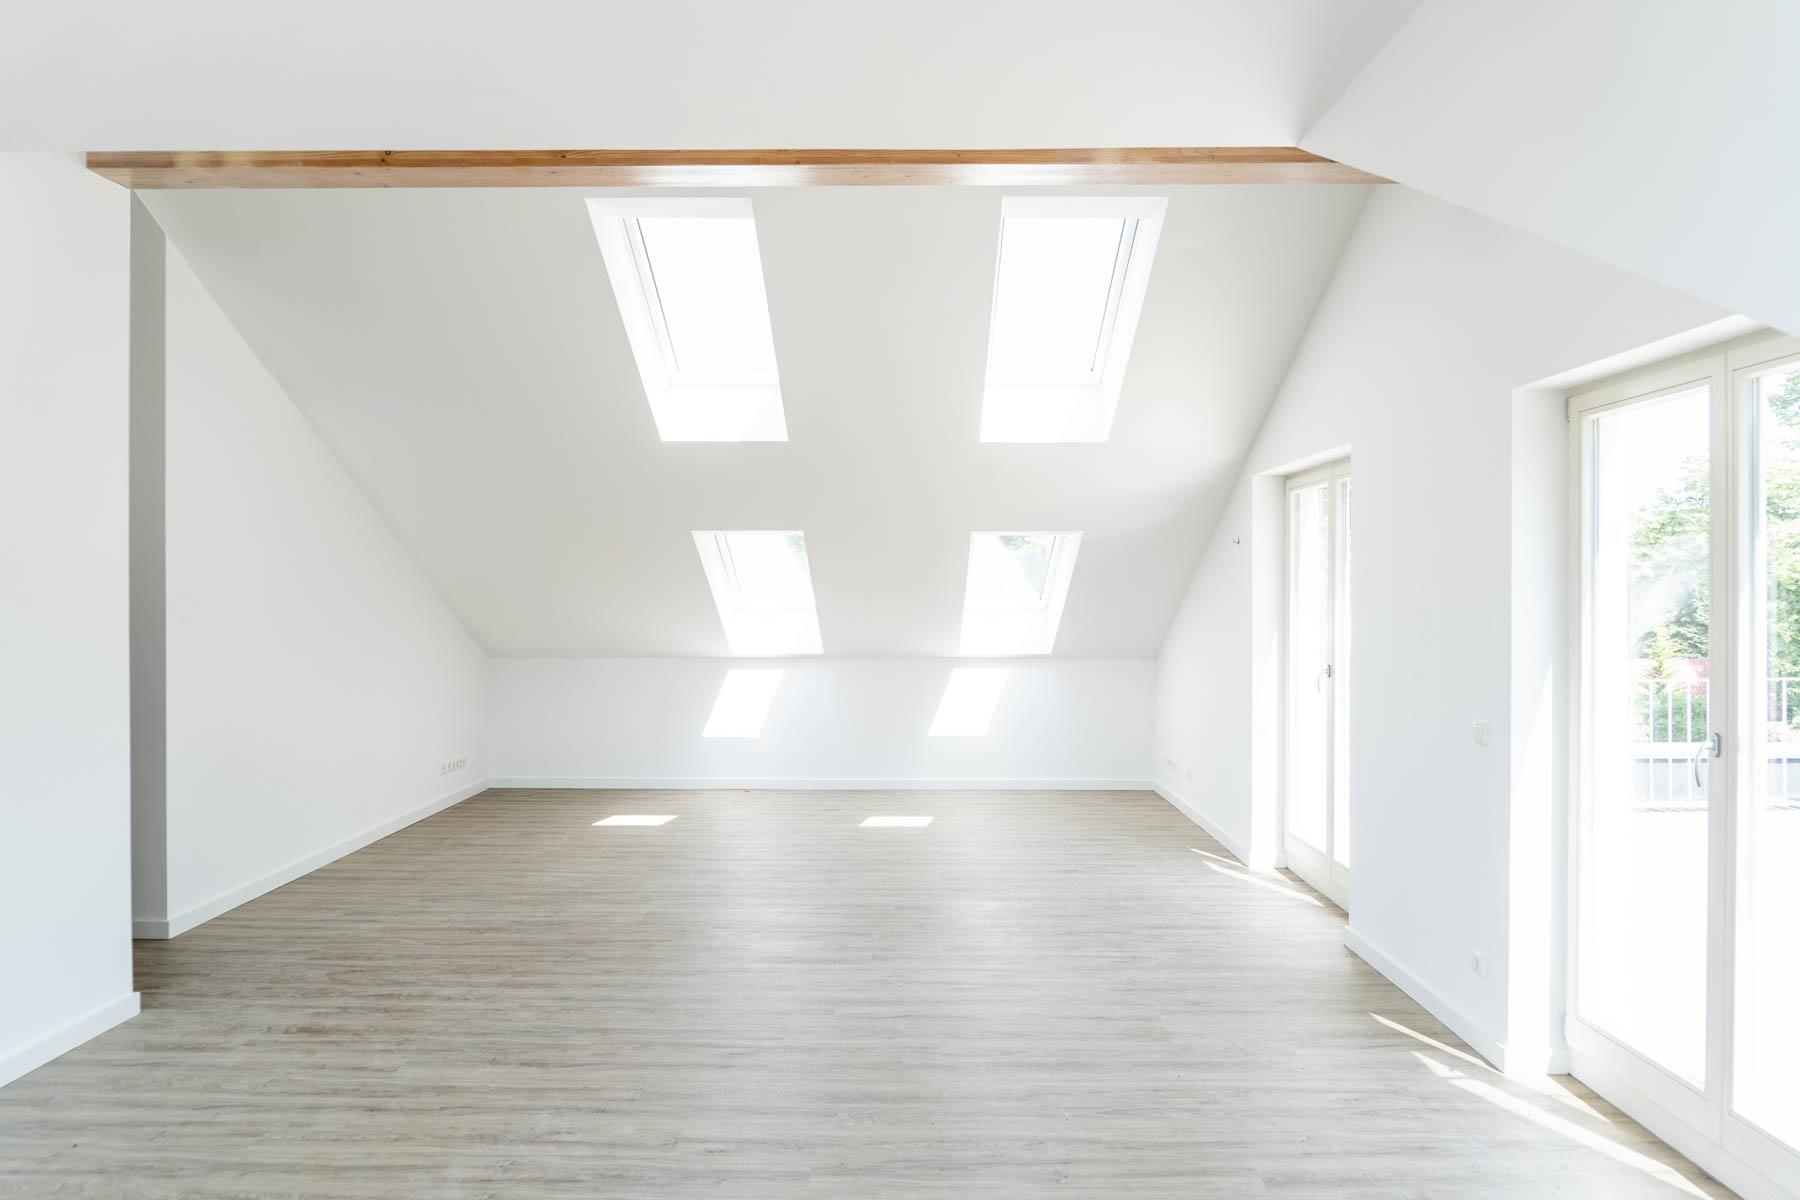 studiokubik-architektur-architecture-berlin-wohnungen-schenkendorf-4